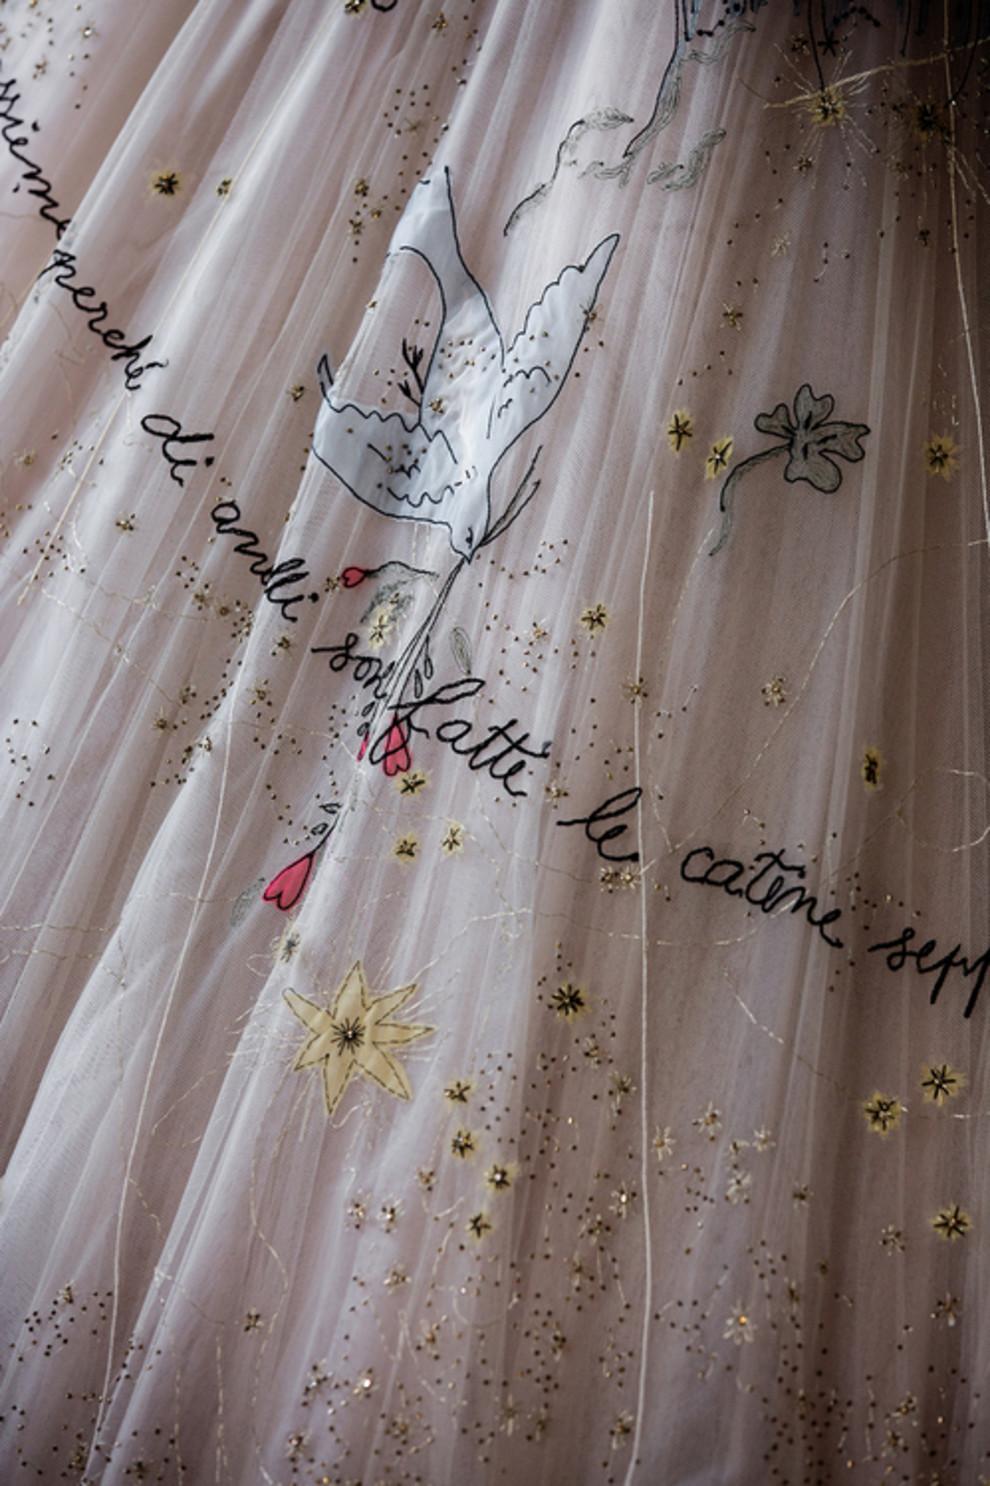 5b8cd89278c39 - Кьяра Ферранья и Fedez поженились: 3 платья от Dior